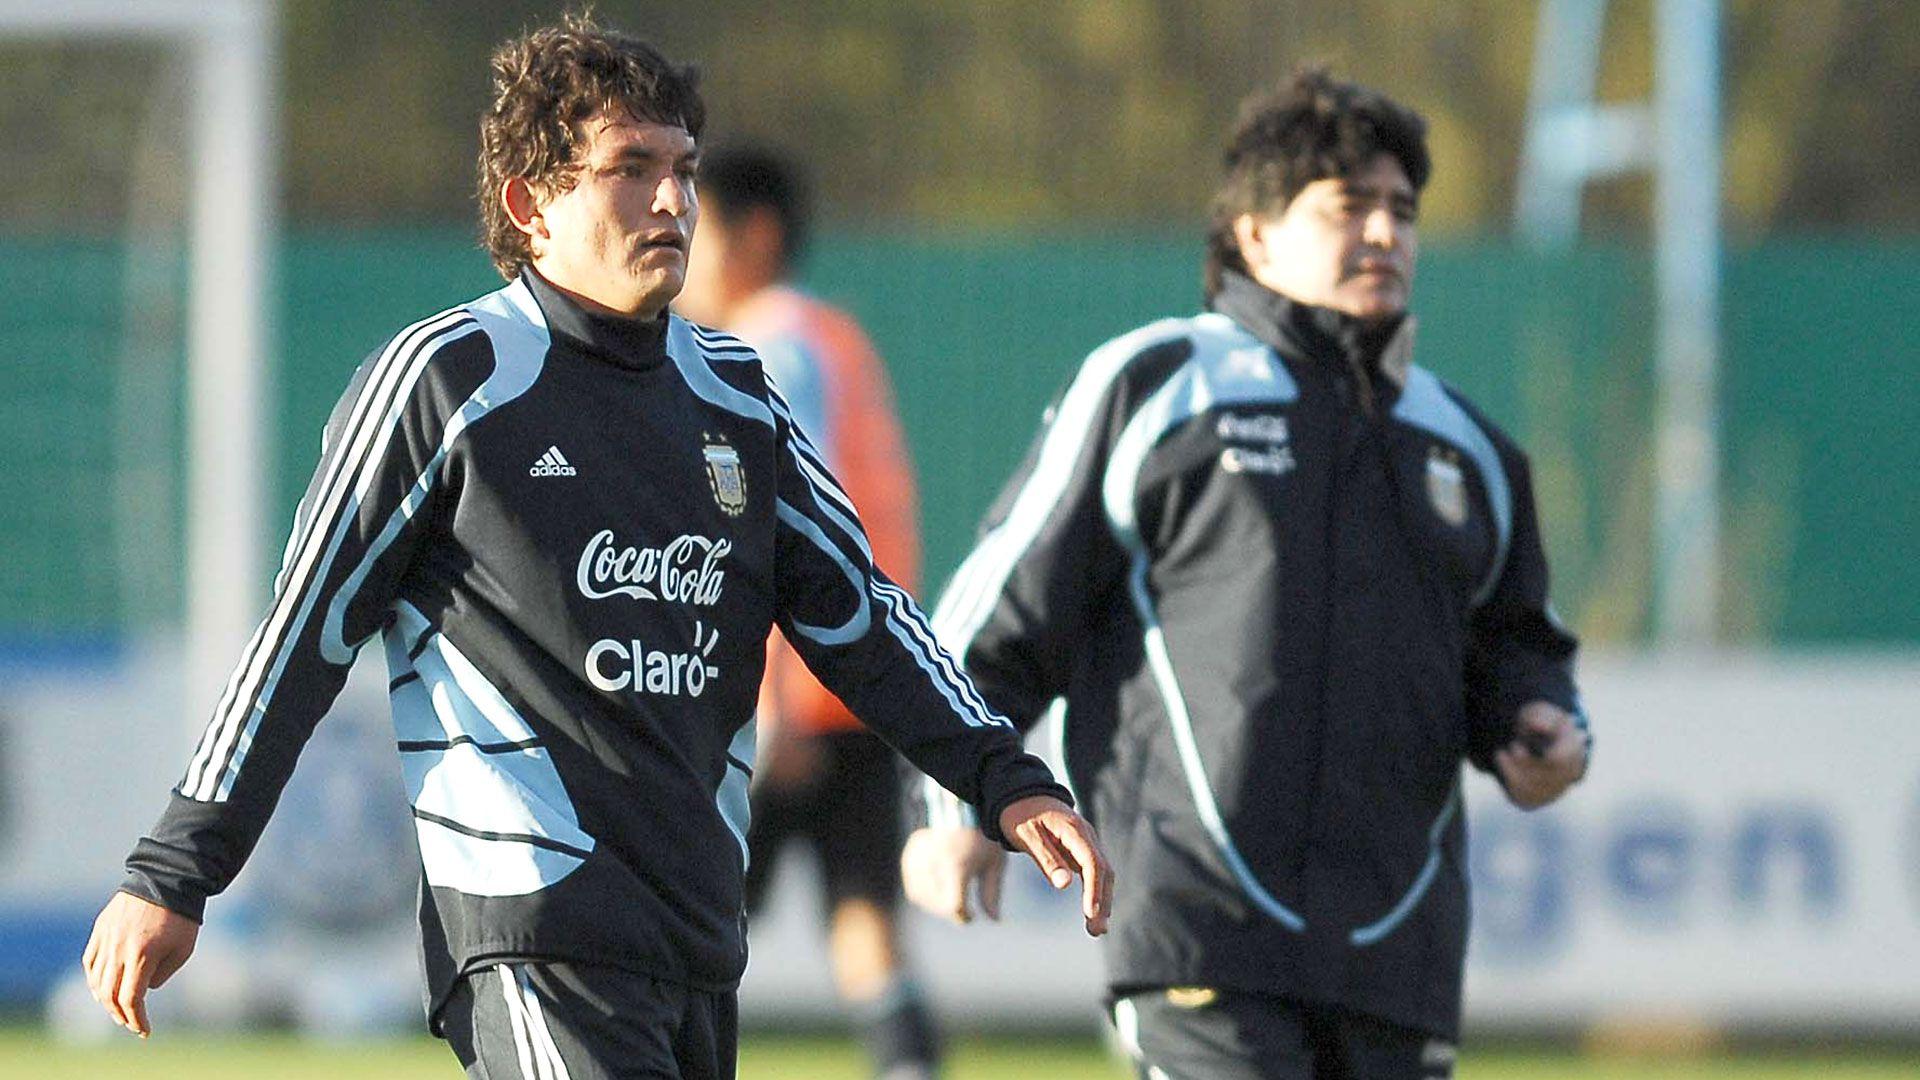 Luis-Pulga-Rodriguez-Seleccion-Argentina-Maradona